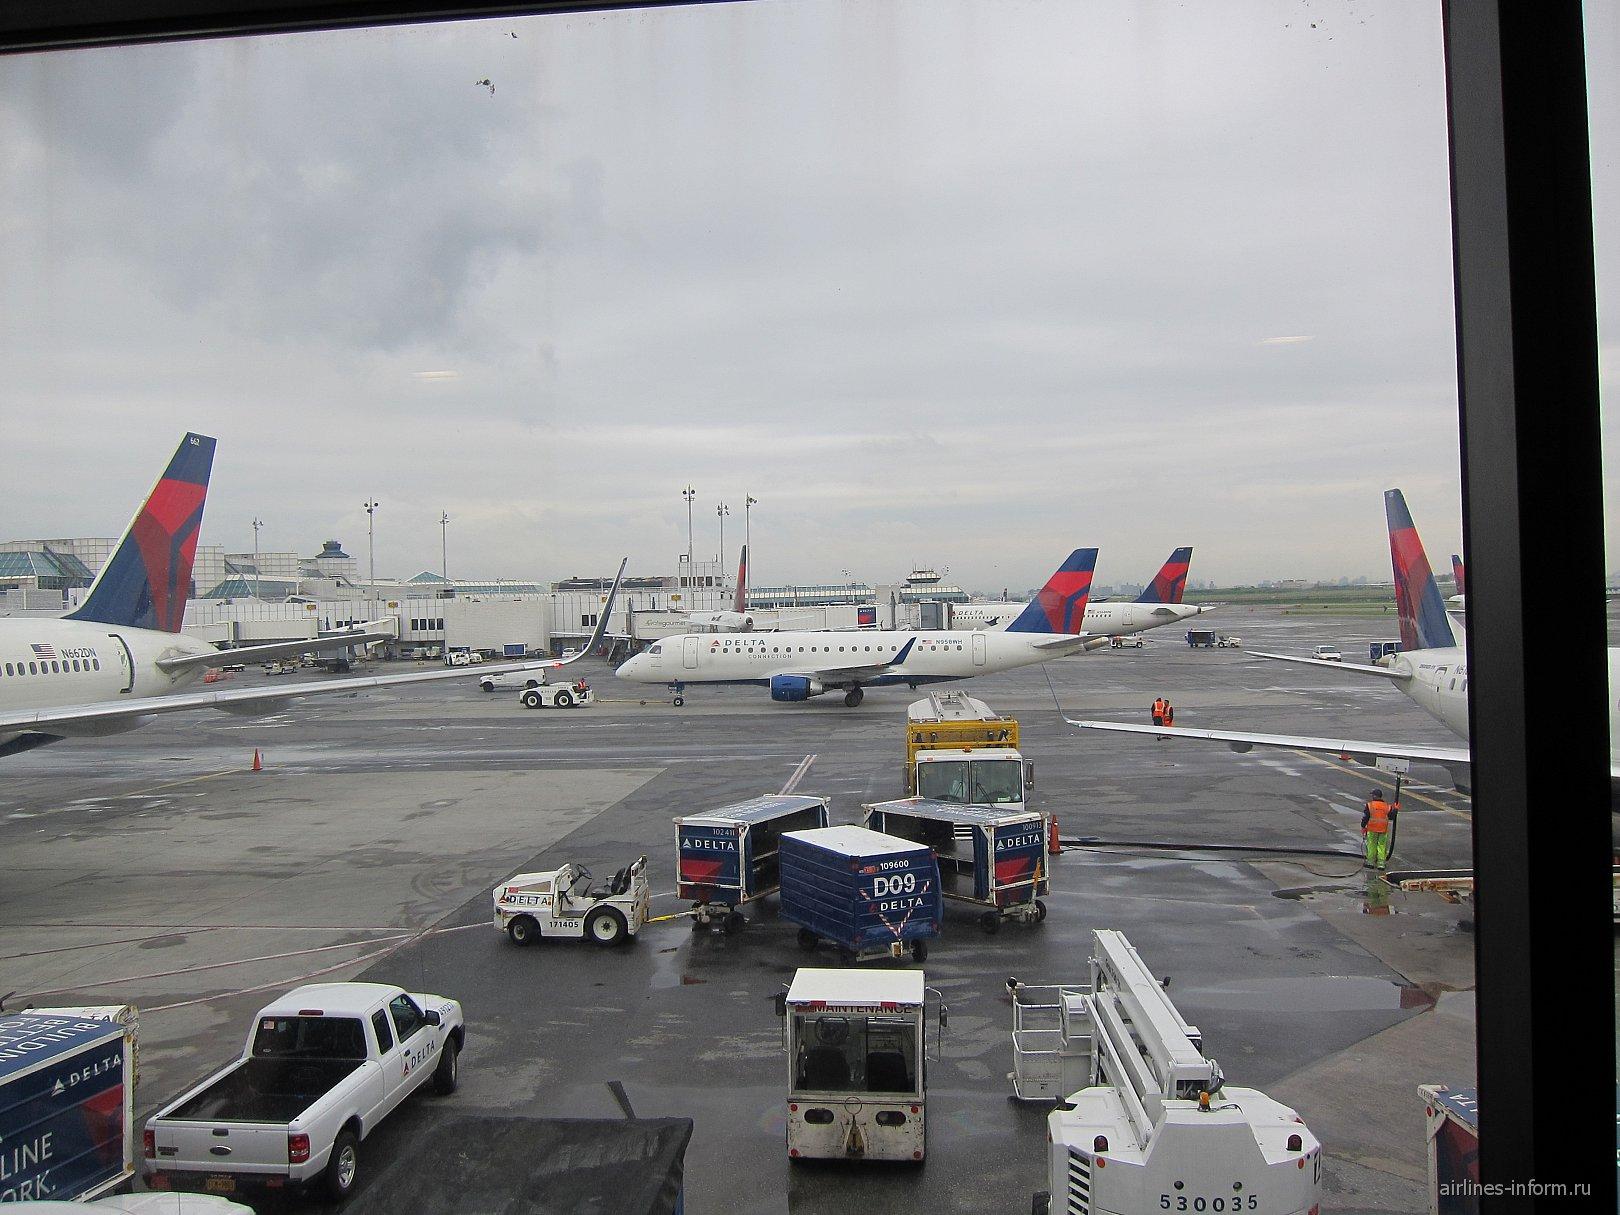 Флот авиакомпании Дельта в аэропорту Нью-Йорк Ла-Гардия